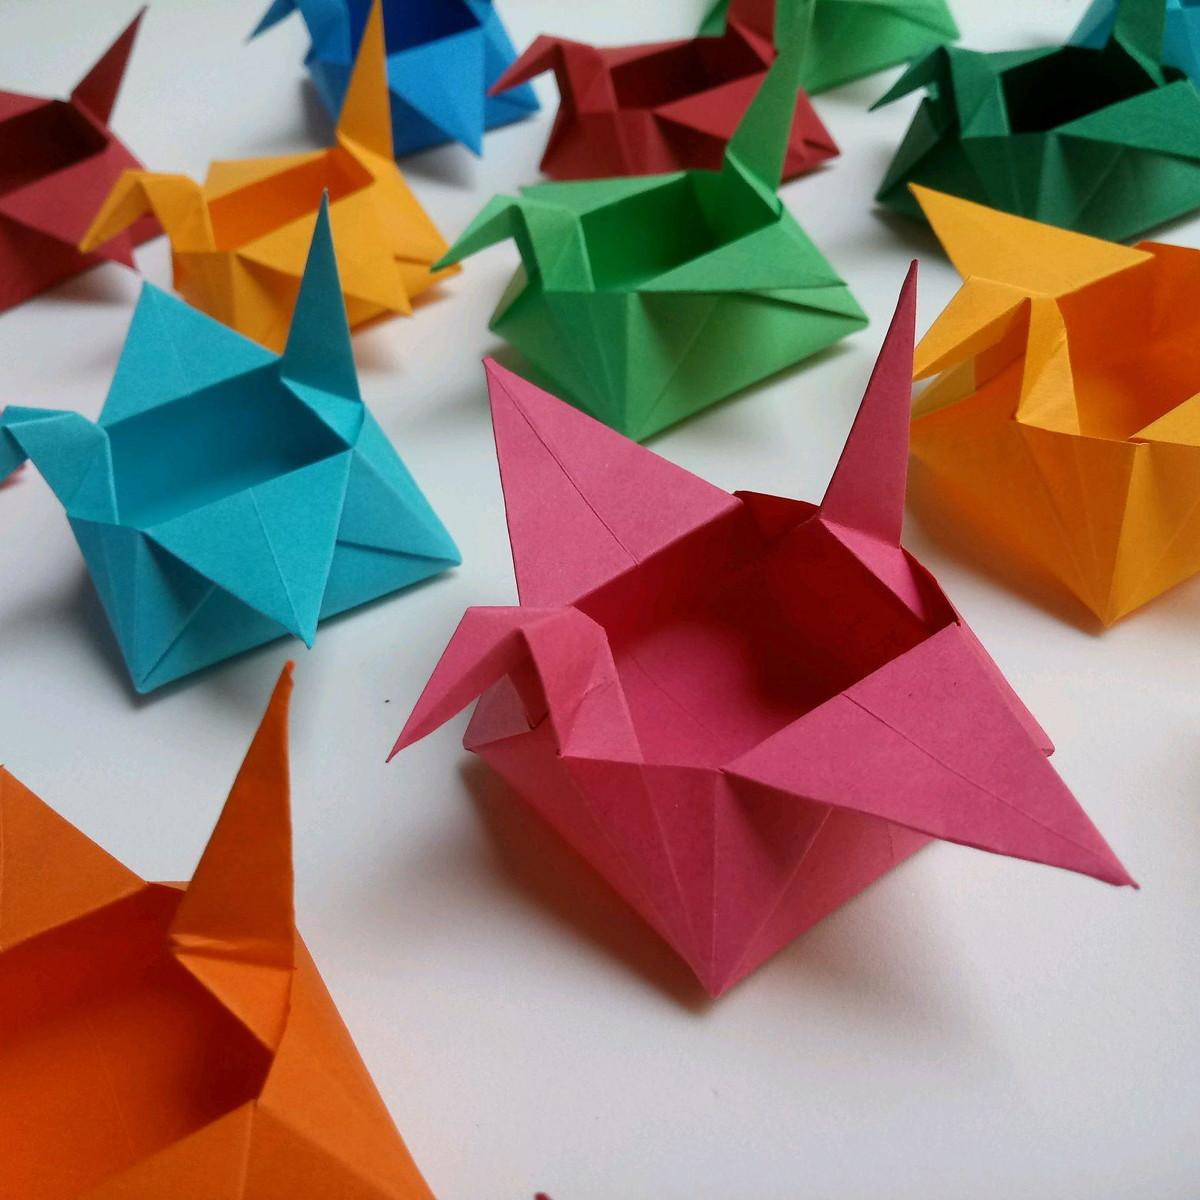 Caixa Tsuru Cores Forminha Para Doces Em Origami No Elo7 Ateliê